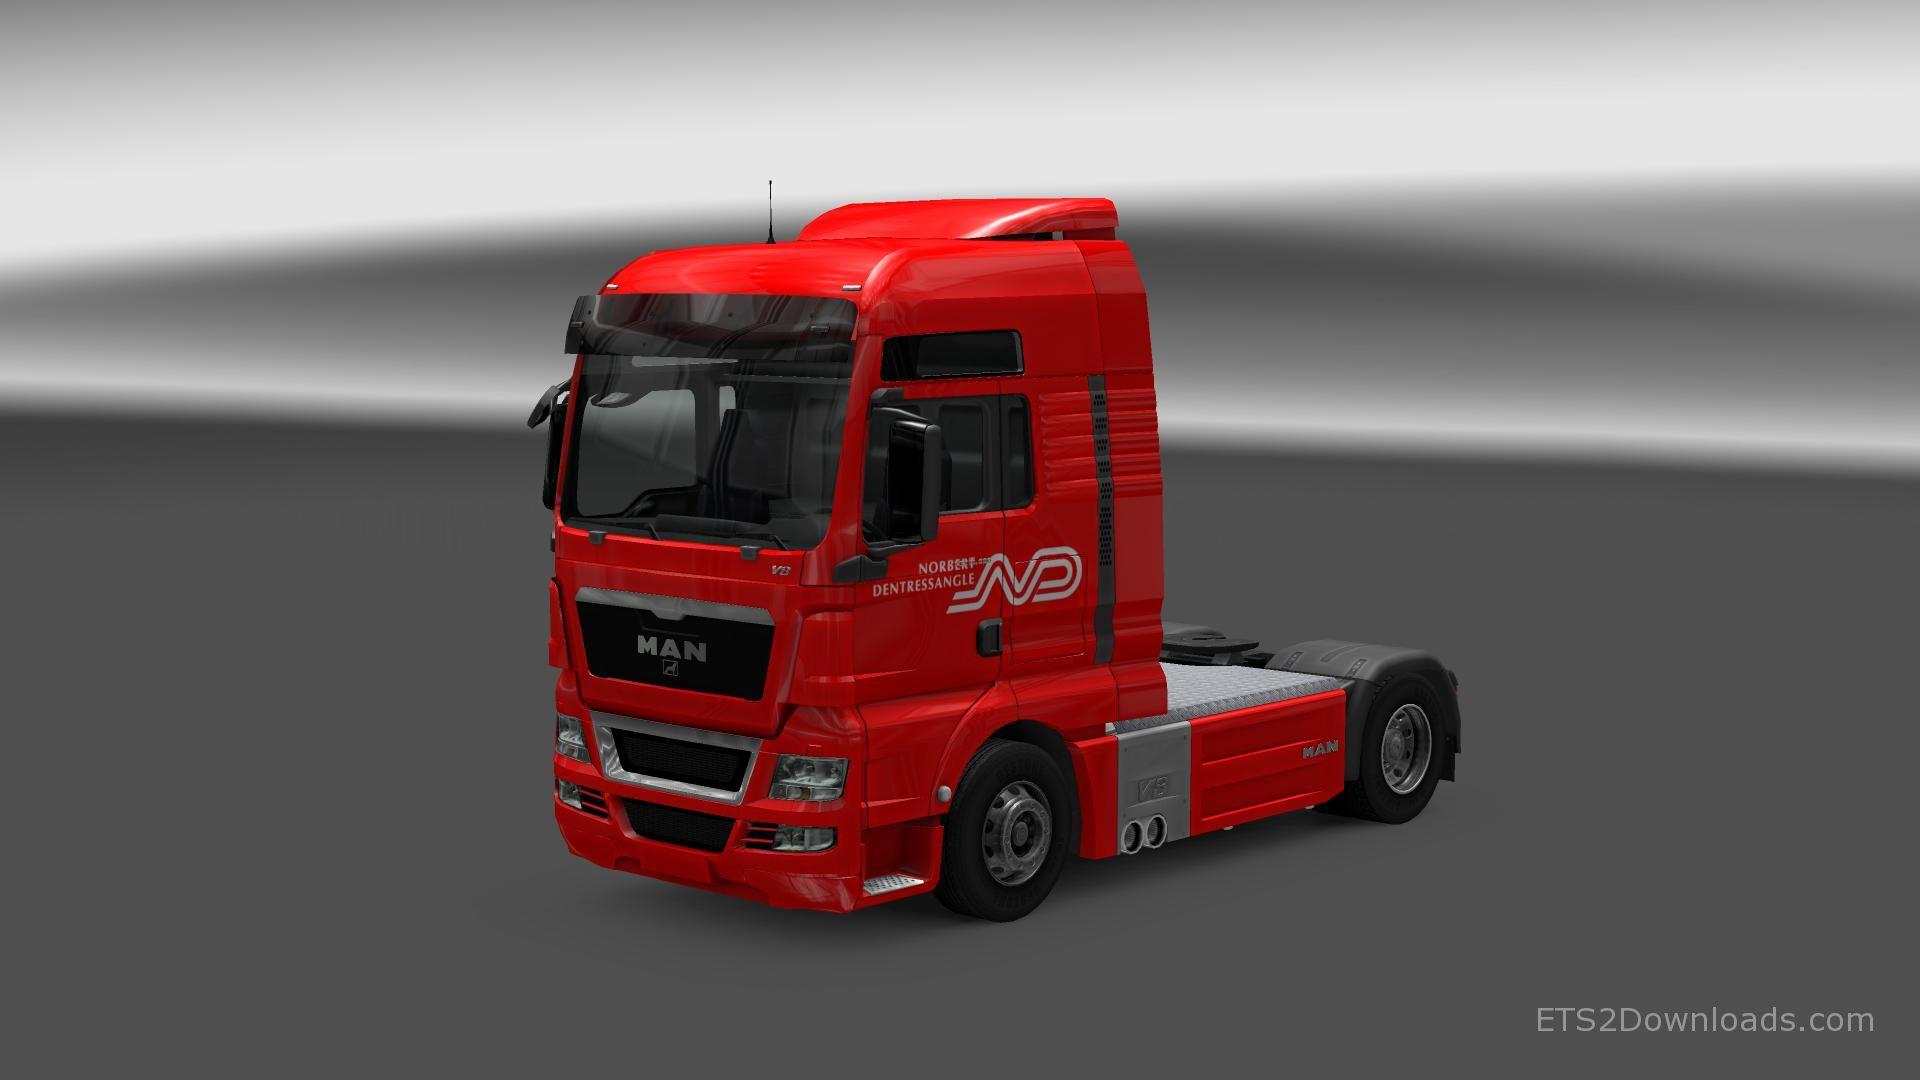 norbet-dentressangle-skin-pack-for-all-trucks-4